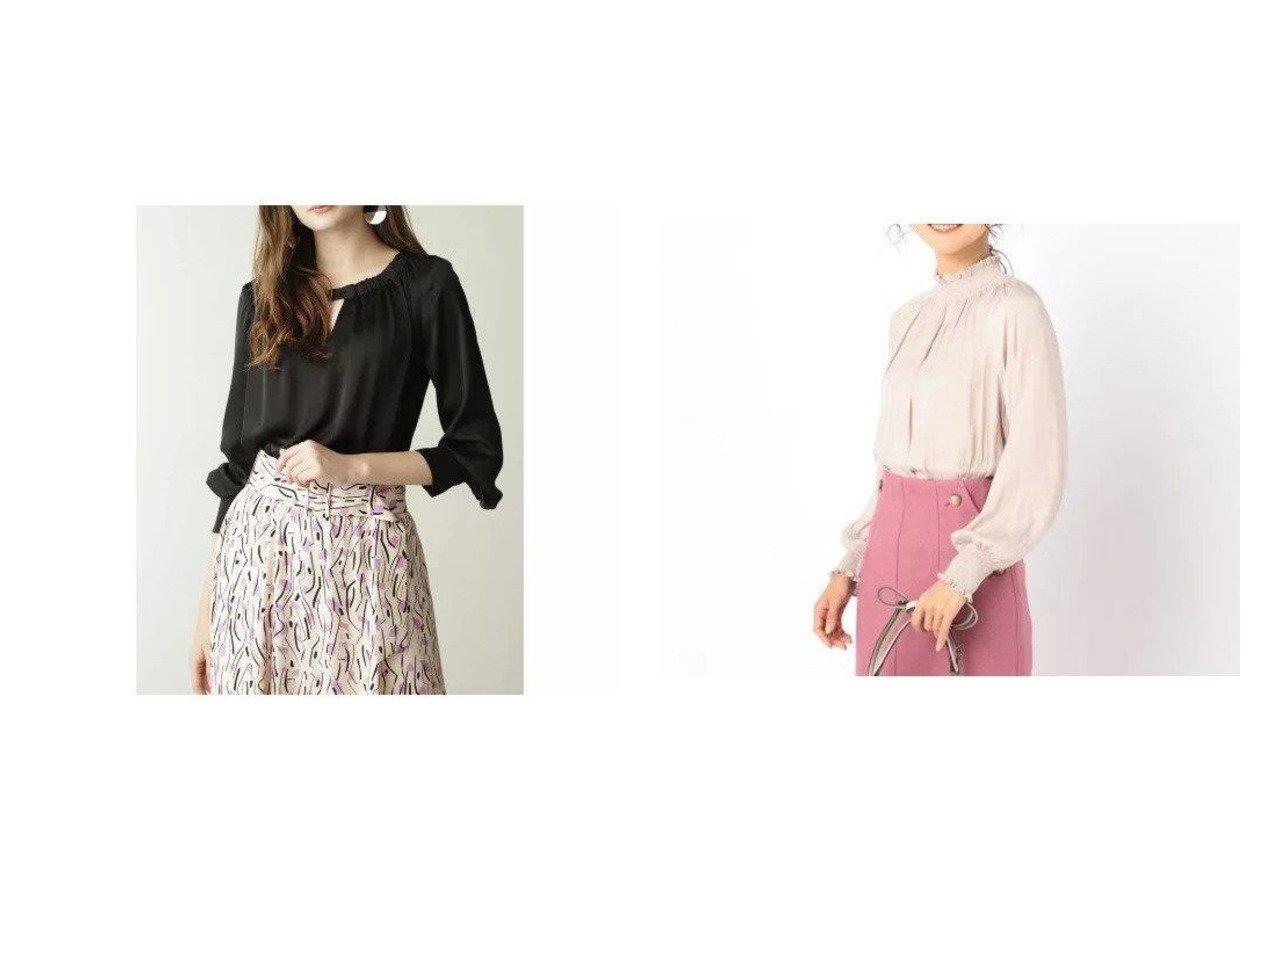 【Pinky&Dianne/ピンキーアンドダイアン】のサテンバックリボンブラウス&【NOLLEY'S/ノーリーズ】のピーチ割繊シャーリングブラウス トップス・カットソーのおすすめ!人気、レディースファッションの通販  おすすめで人気のファッション通販商品 インテリア・家具・キッズファッション・メンズファッション・レディースファッション・服の通販 founy(ファニー) https://founy.com/ ファッション Fashion レディース WOMEN トップス Tops Tshirt シャツ/ブラウス Shirts Blouses ギャザー サテン なめらか クラシカル シャーリング ドレープ ピーチ 秋 |ID:crp329100000005146